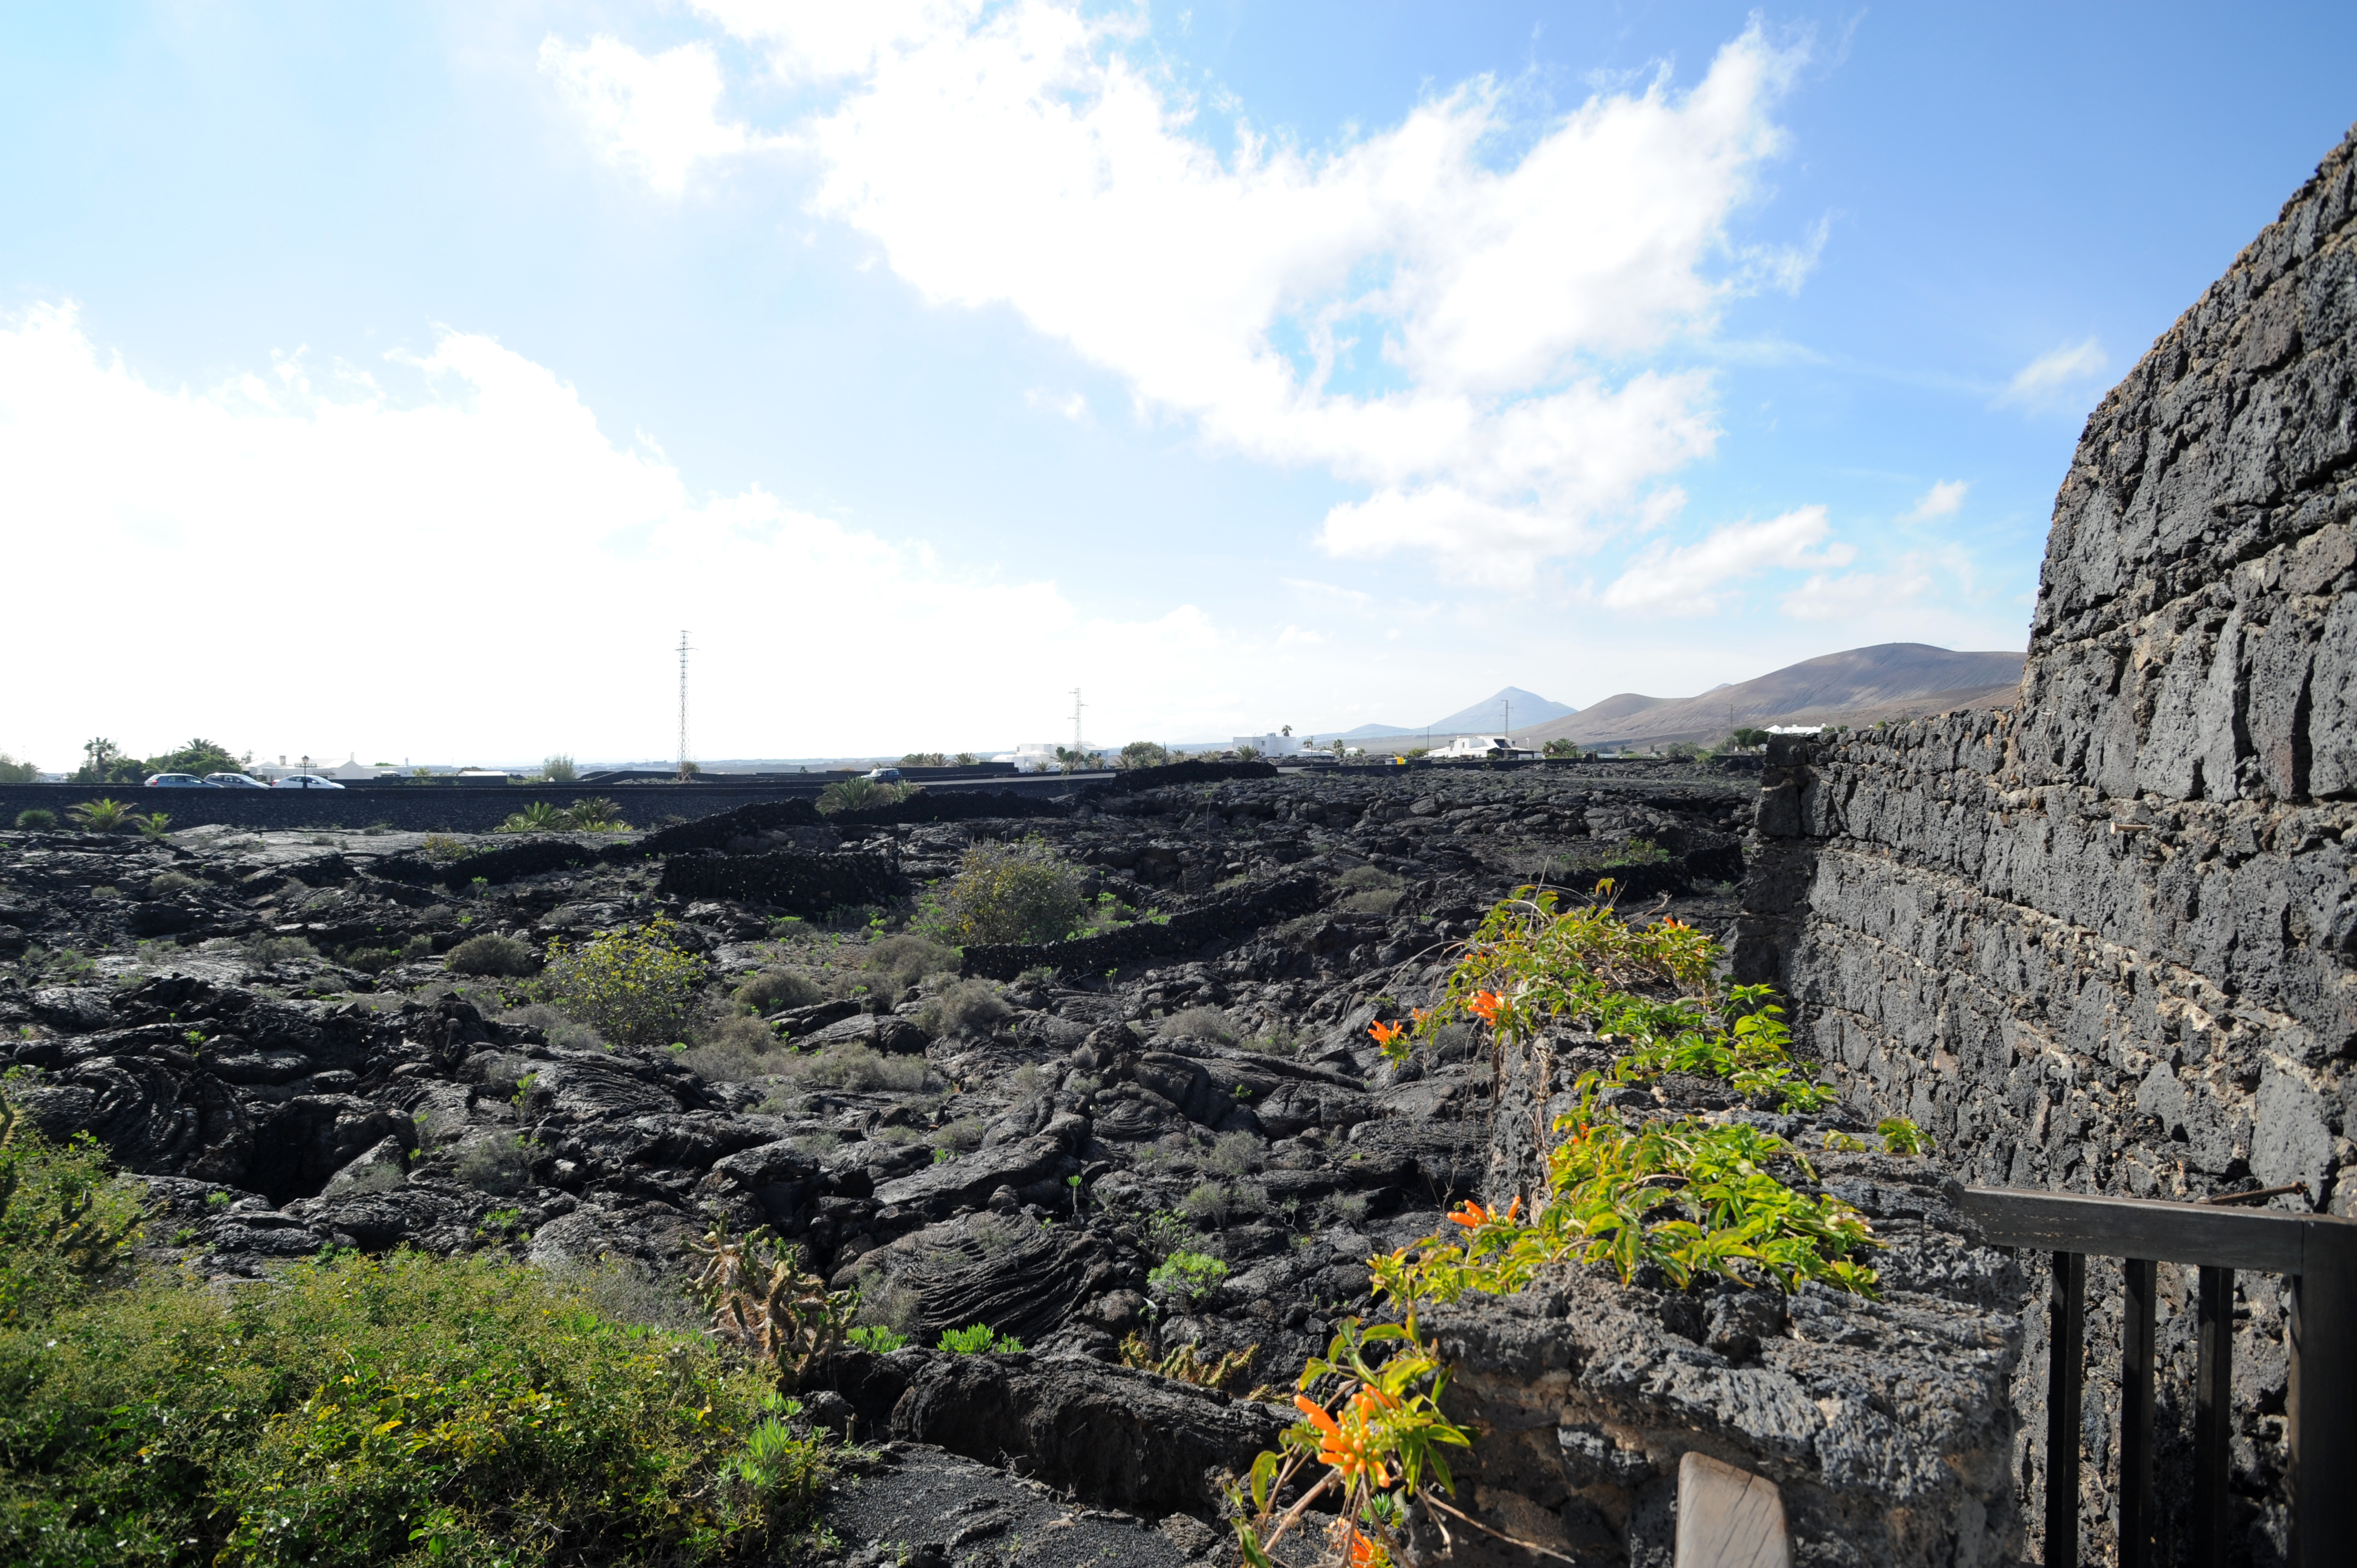 Das Dorf Tahíche und die Stiftung César Manrique auf Lanzarote